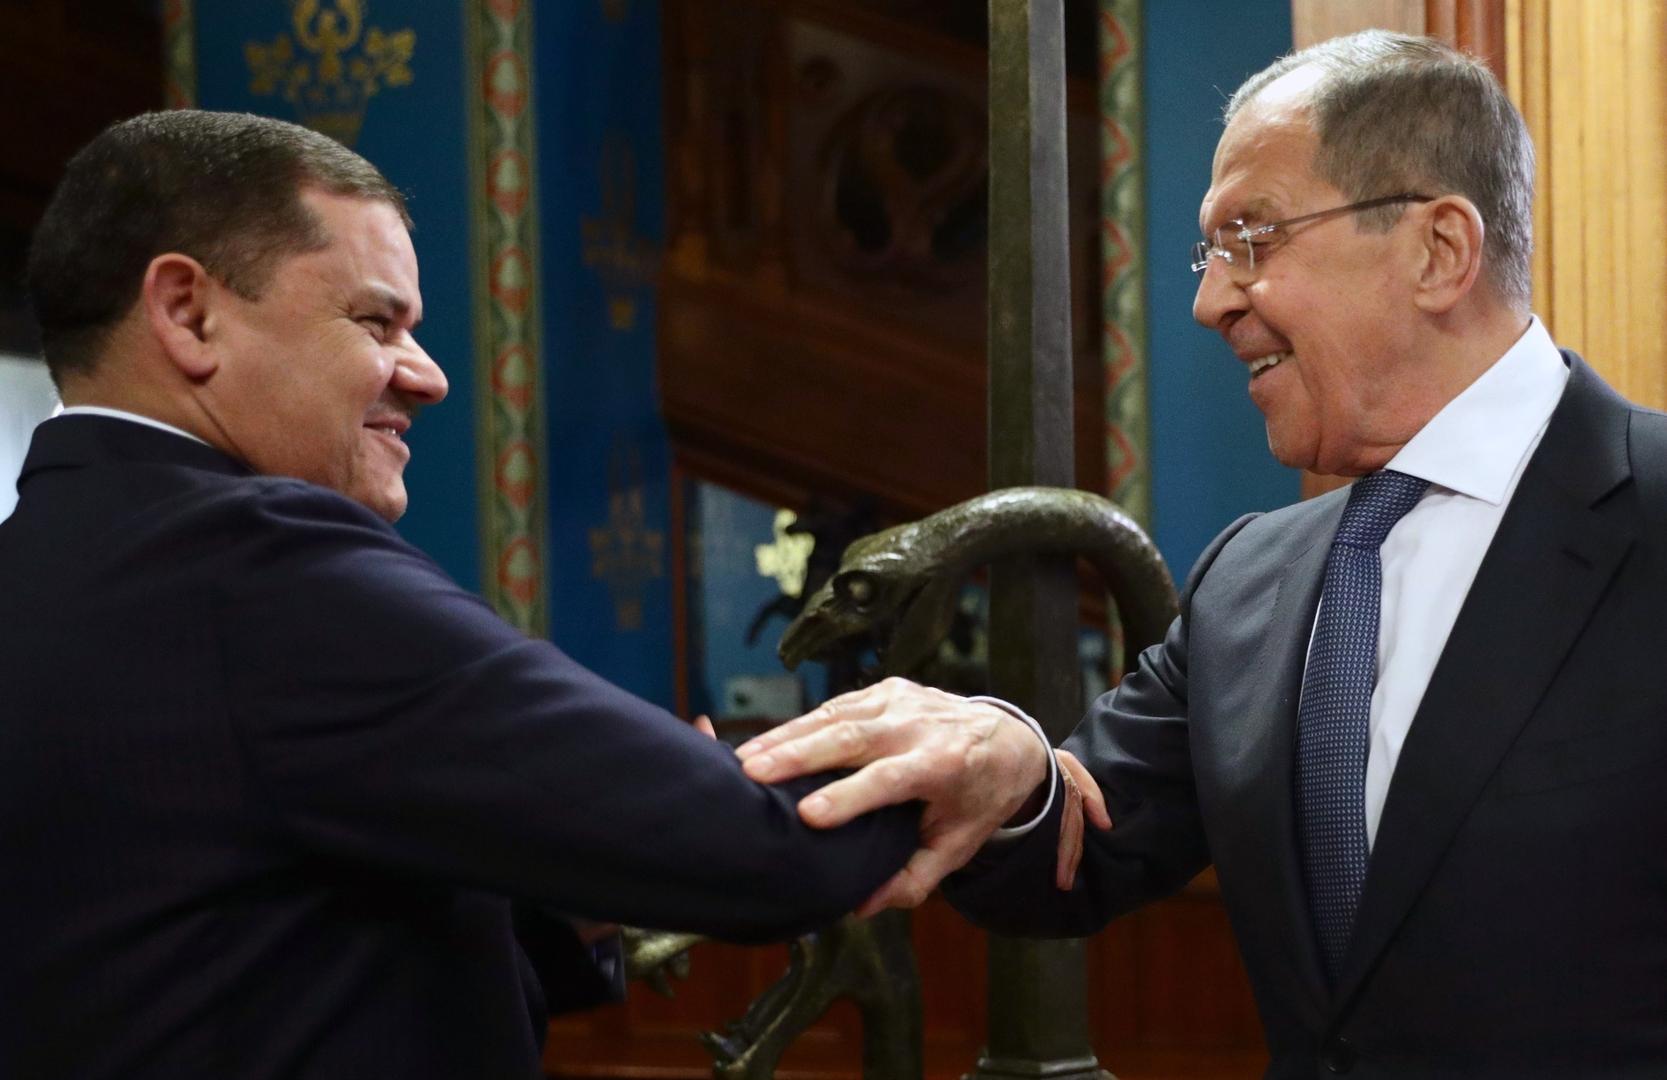 روسيا وليبيا تتفقان على استئناف عمل اللجنة الحكومية المشتركة